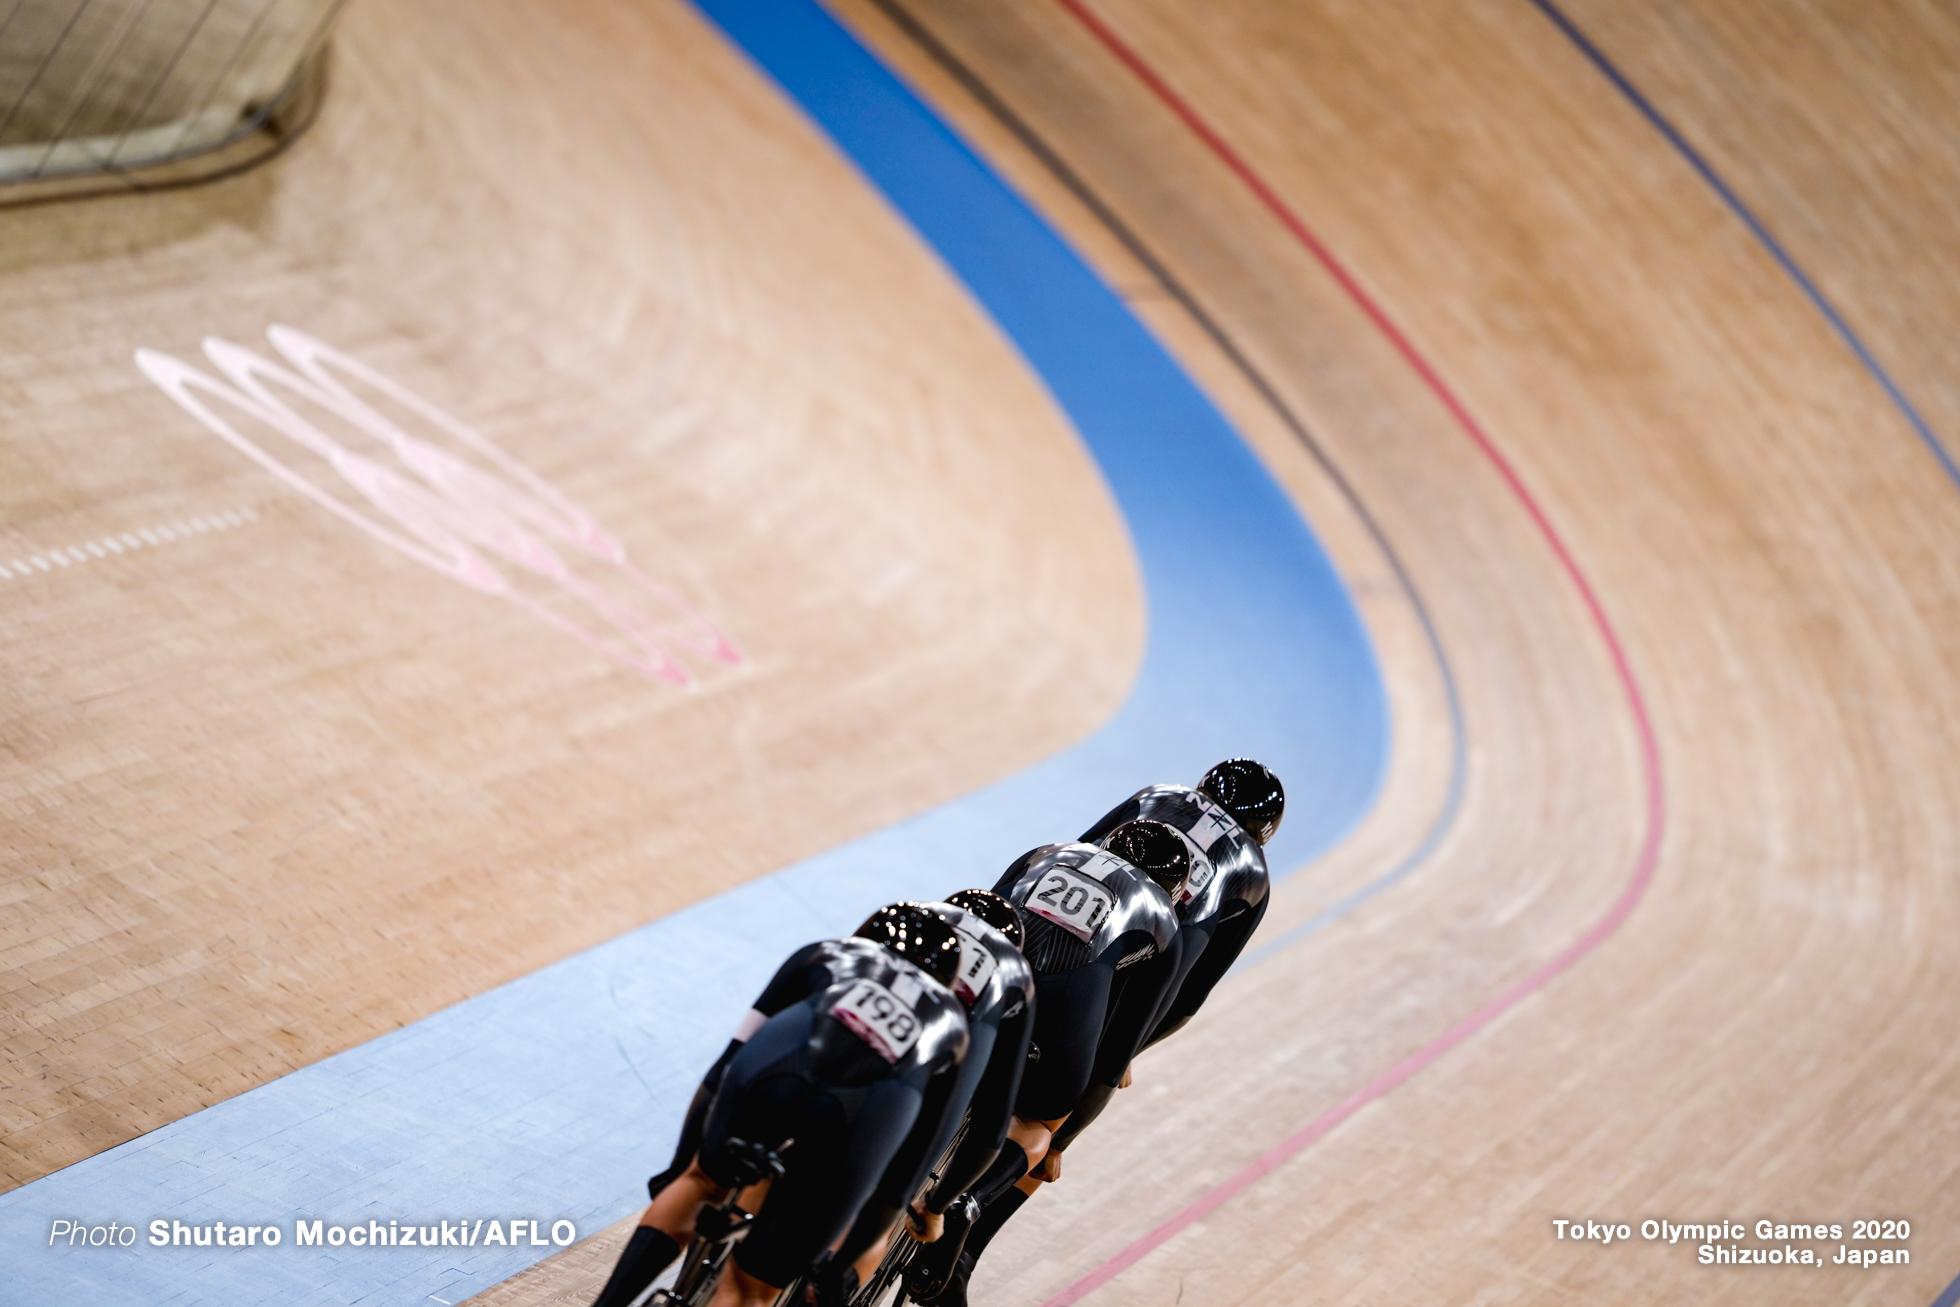 ホーリー・エドモンドストン Holly Edomondston (NZL), ブライオニー・ボサ Bryony Botha (NZL), キリスティー・ジェームス Kirstie James (NZL), ジャイミー・ニールセン Jaime Nielsen (NZL), Women's Team Pursuit Qualifying AUGUST 2, 2021 - Cycling : during the Tokyo 2020 Olympic Games at the Izu Velodrome in Shizuoka, Japan. (Photo by Shutaro Mochizuki/AFLO)